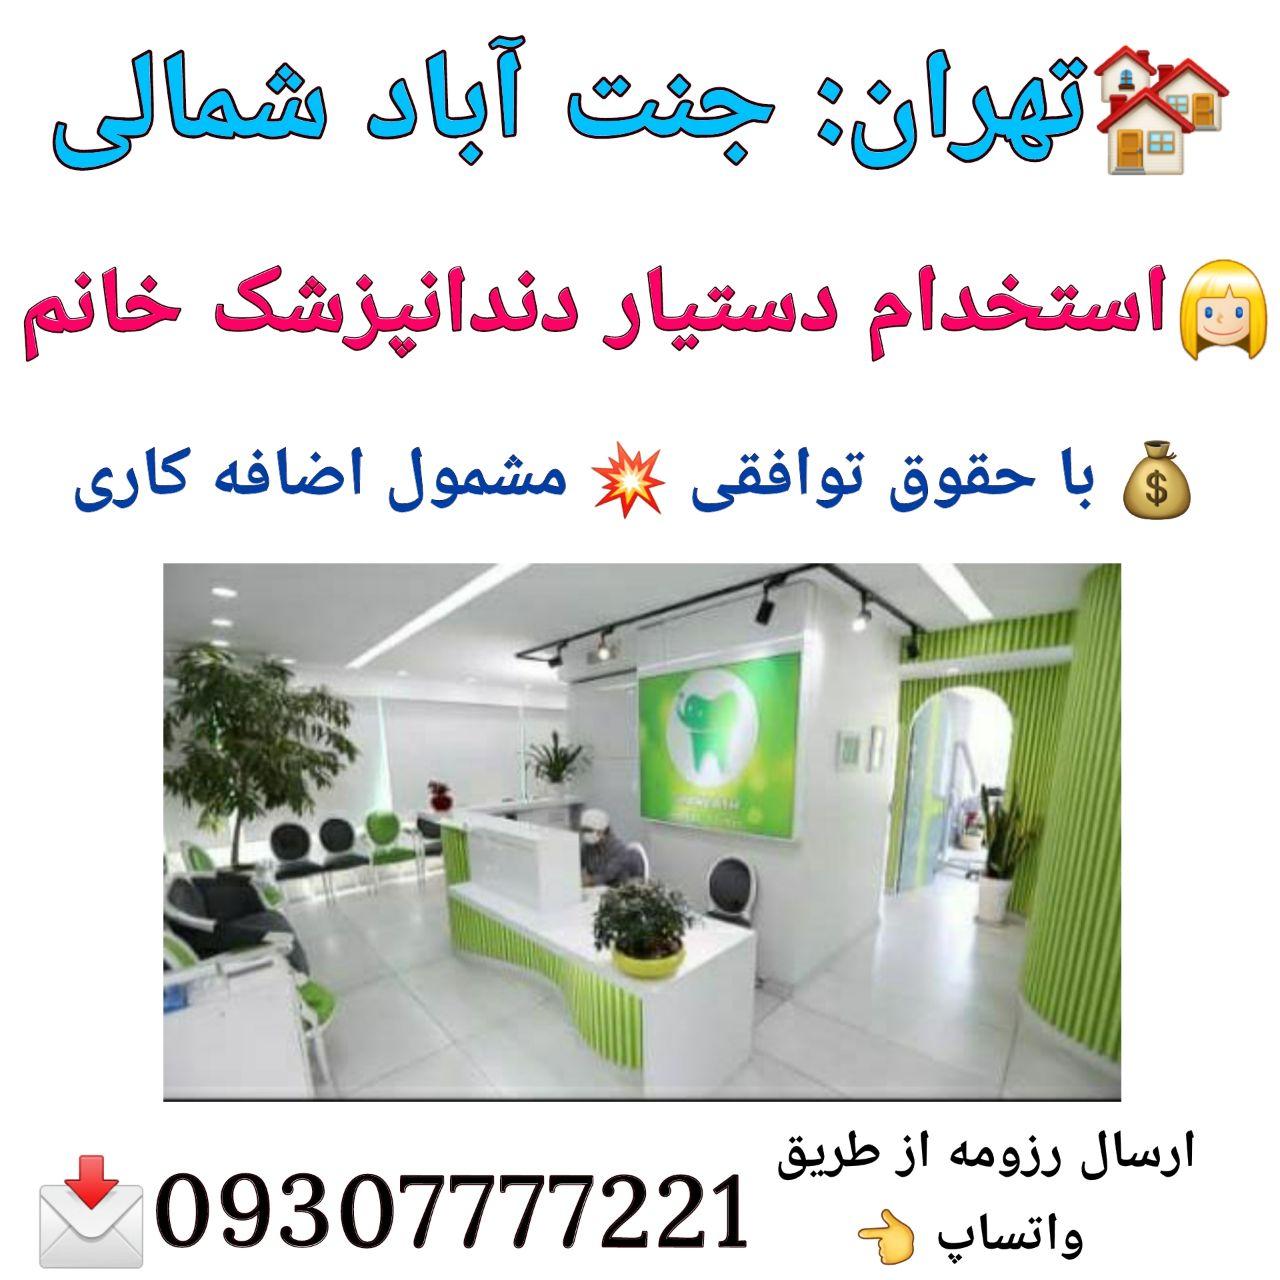 تهران: جنت آباد شمالی، استخدام دستیار دندانپزشک خانم